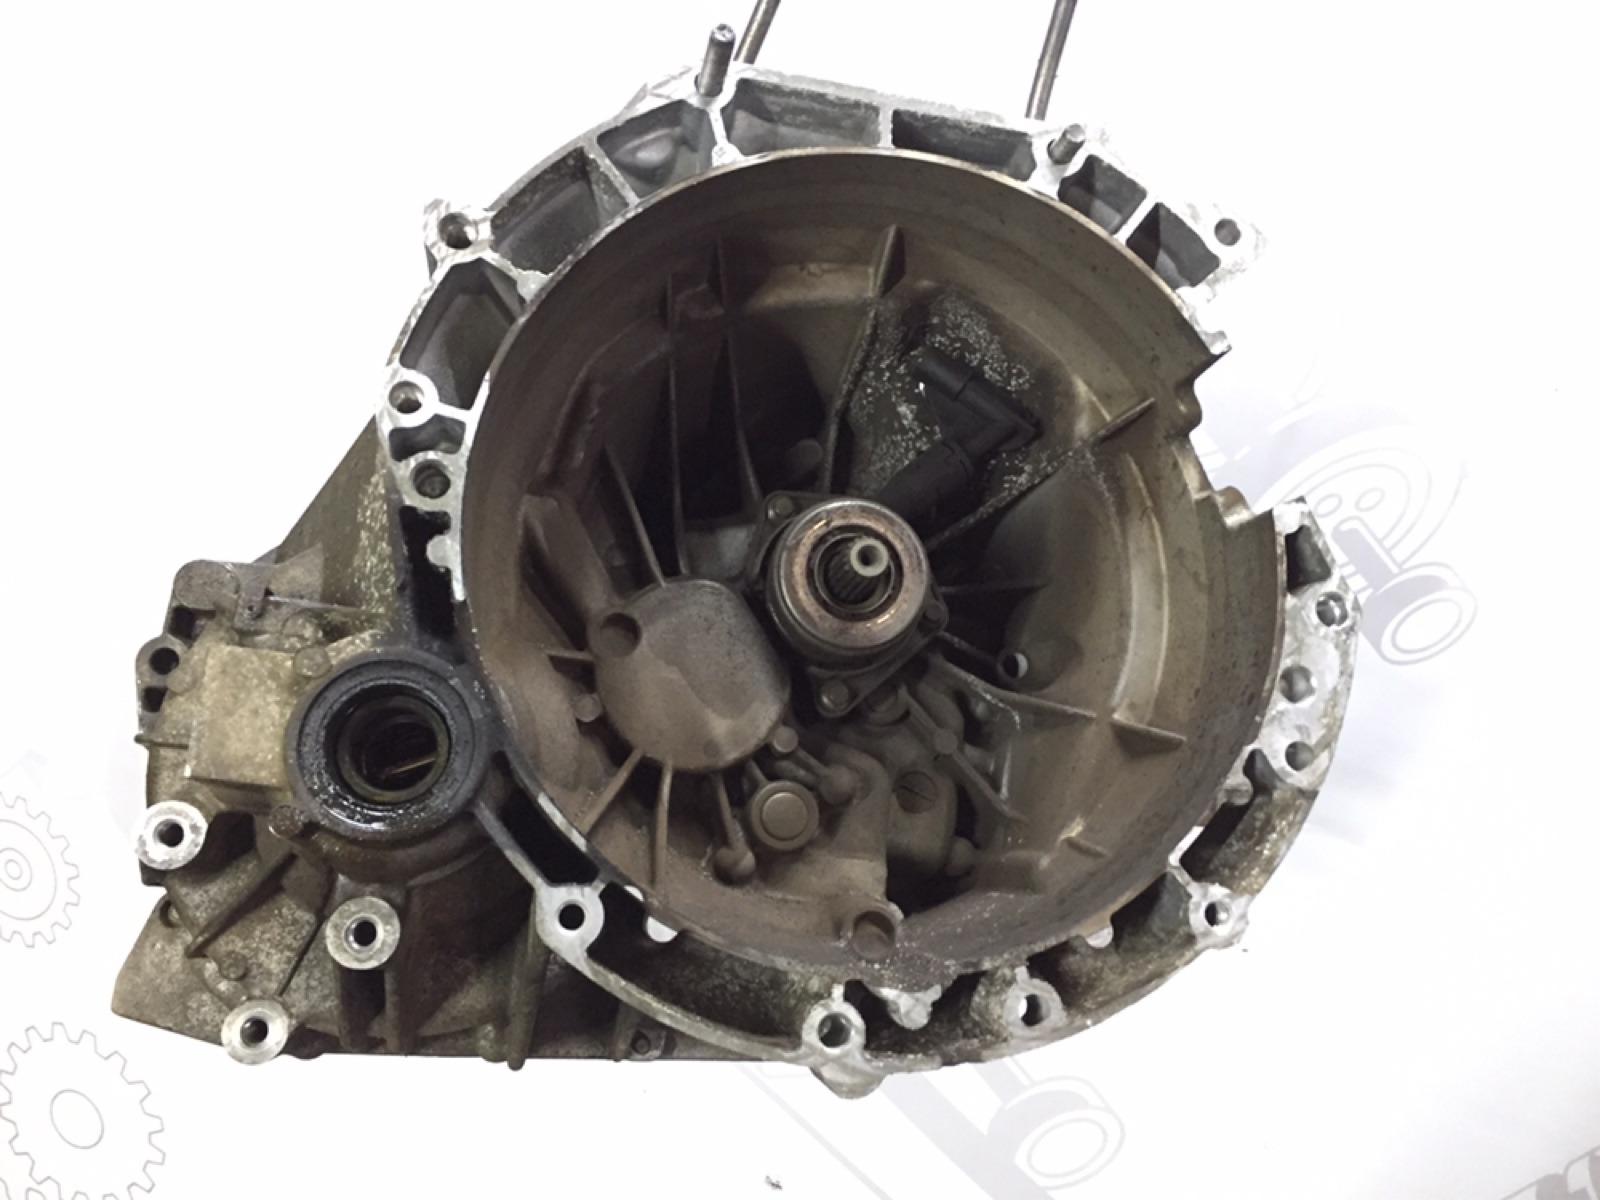 Кпп механическая (мкпп) Ford C-Max 1.8 I 2007 (б/у)